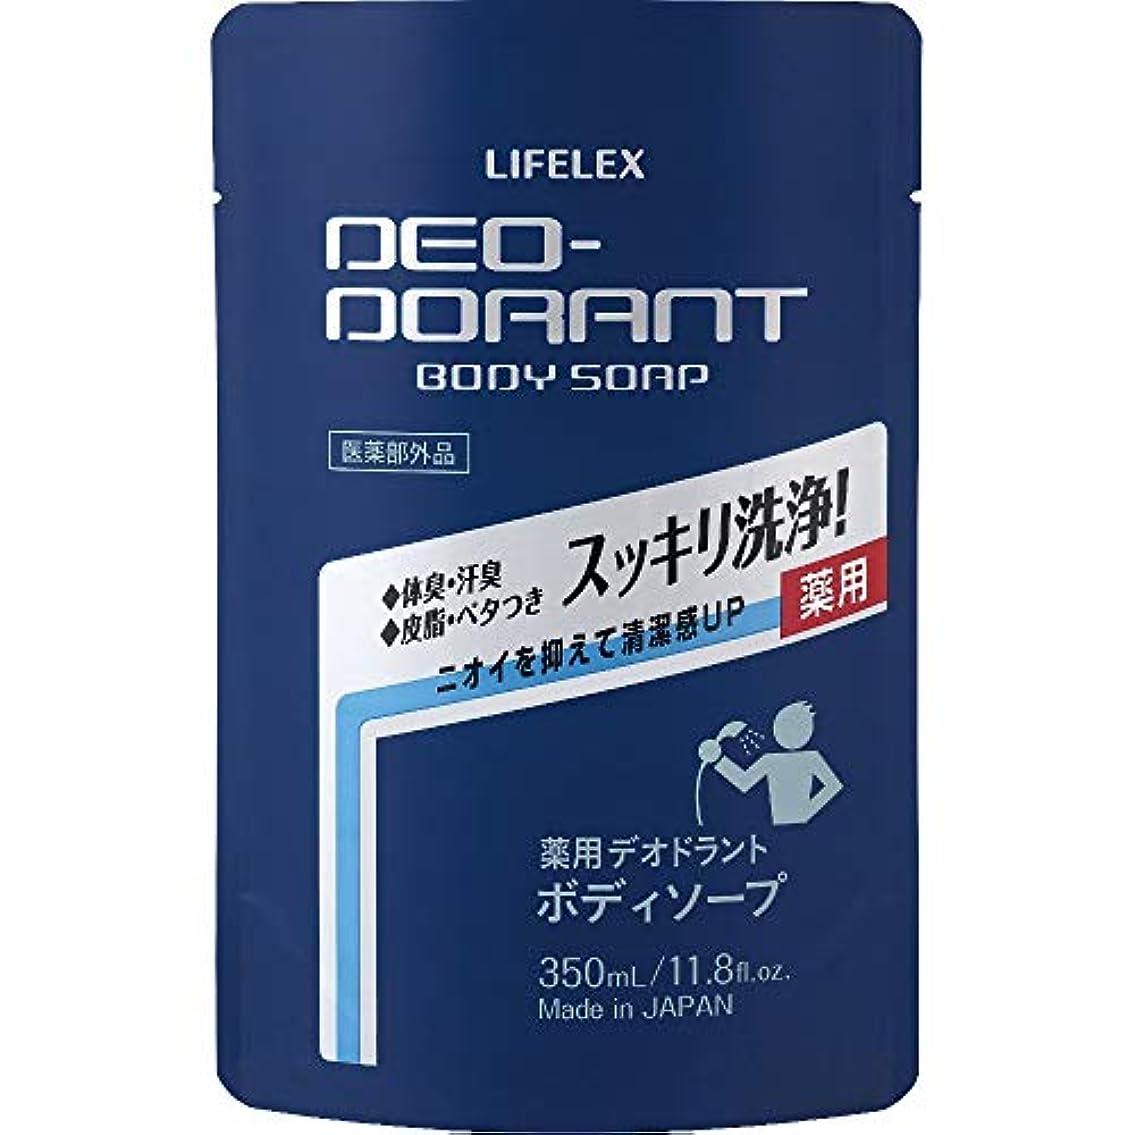 バーター油優先権コーナン オリジナル LIFELEX 薬用デオドラント ボディソープ詰替 350ml